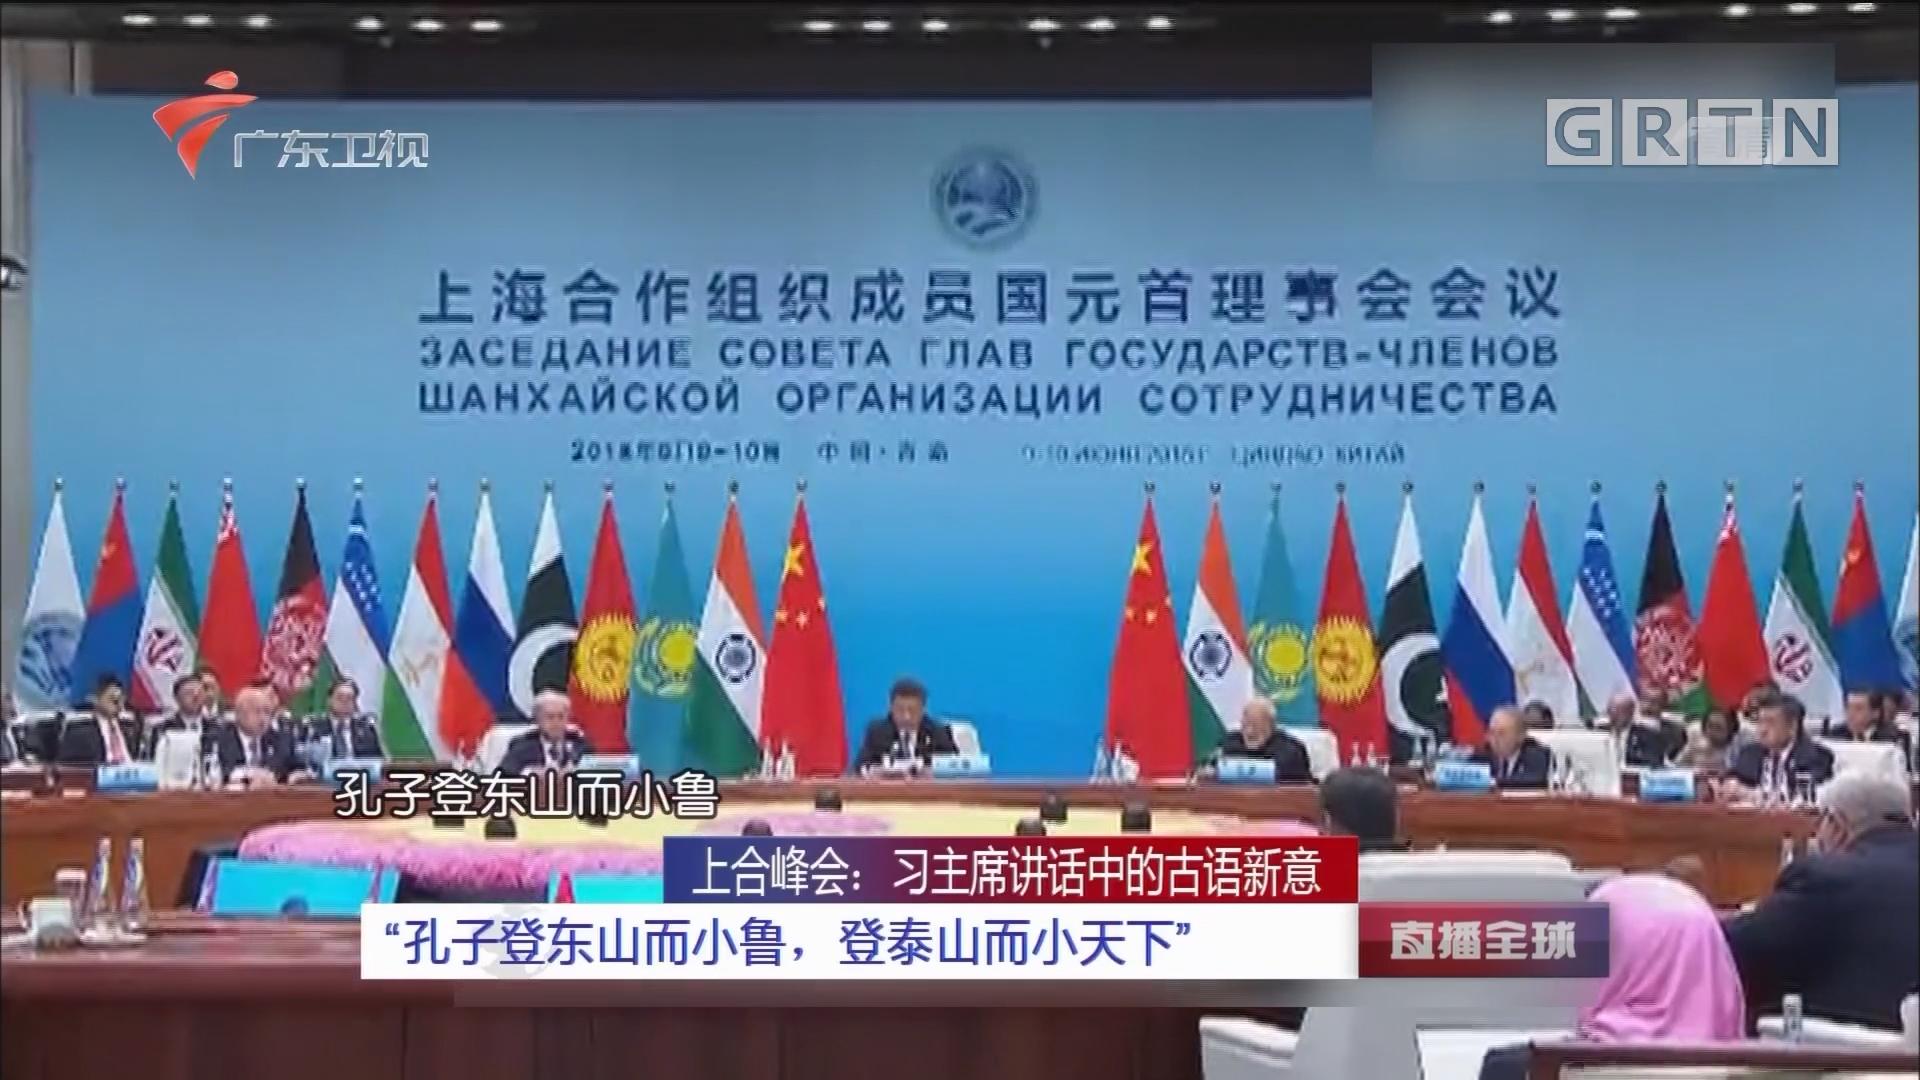 """上合峰会:习主席讲话中的古语新意 """"孔子登东山而小鲁,登泰山而小天下"""""""